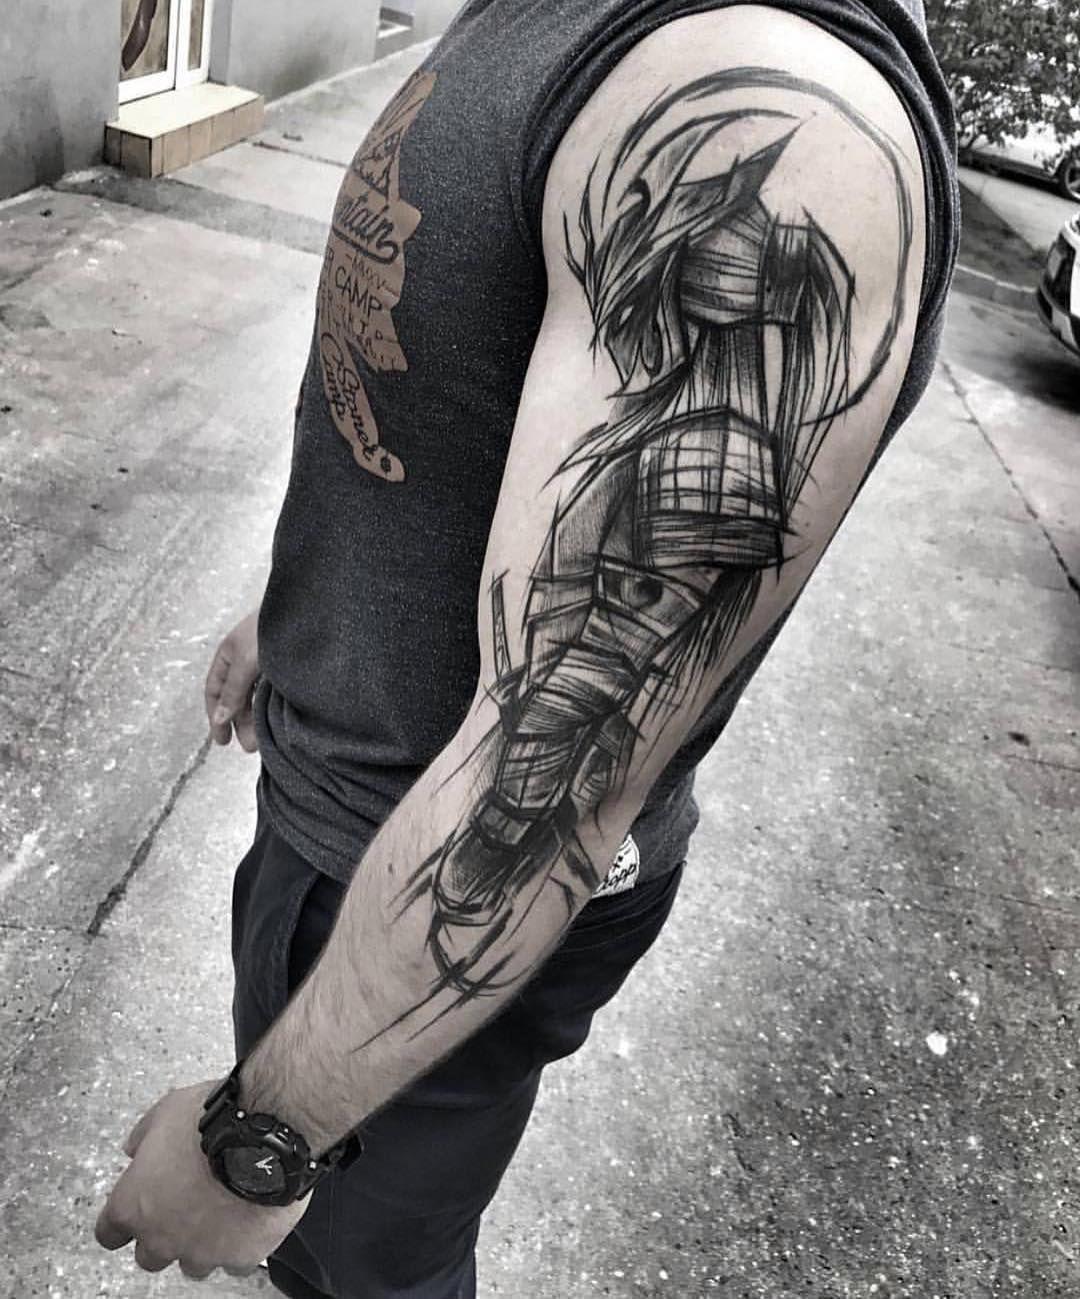 100+ mejores imágenes de tatuajes de hombres en 2020 | tatuajes, tatuajes  para hombres, hombres tatuajes